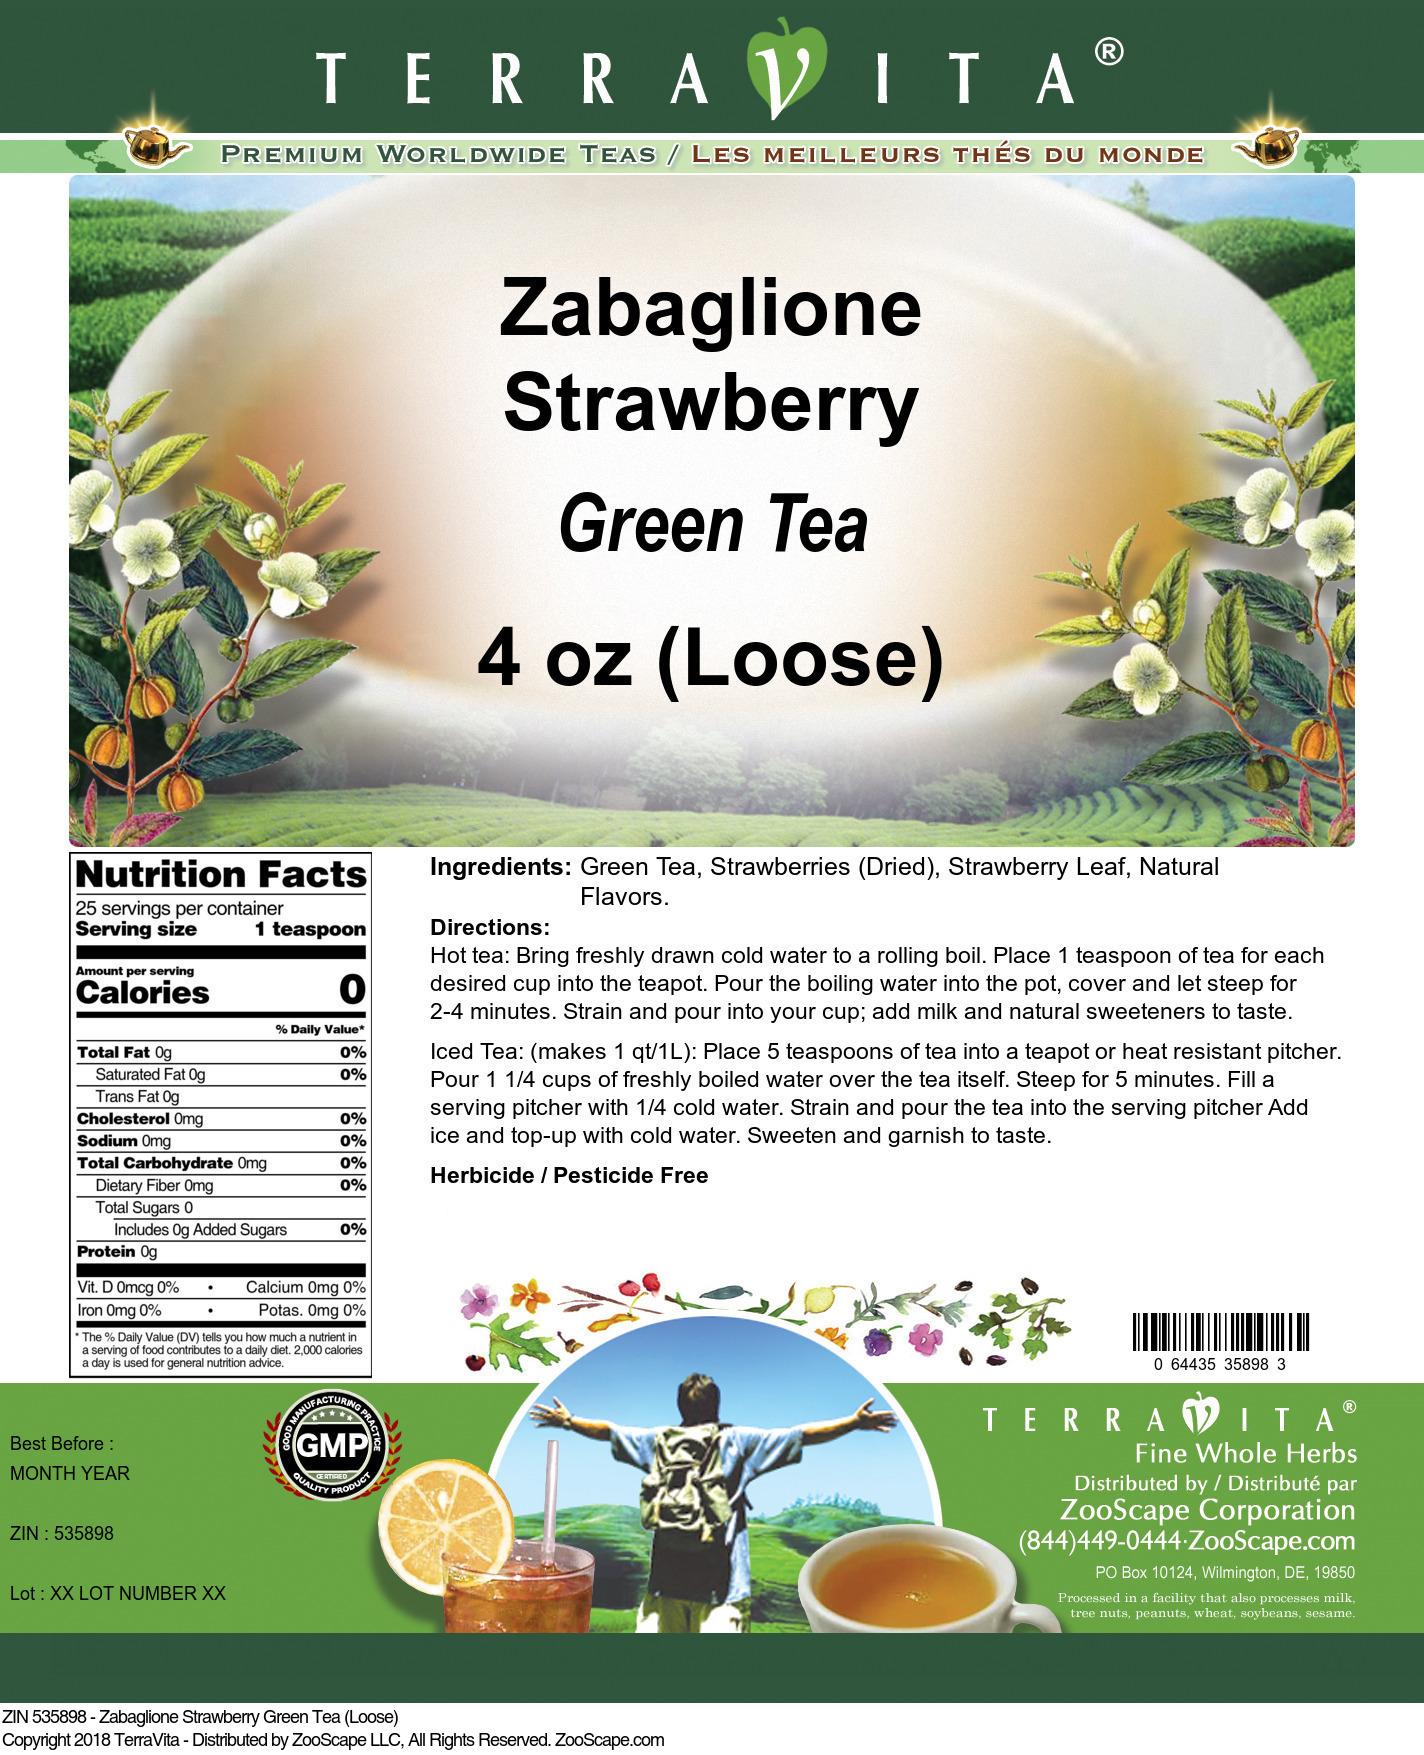 Zabaglione Strawberry Green Tea (Loose)